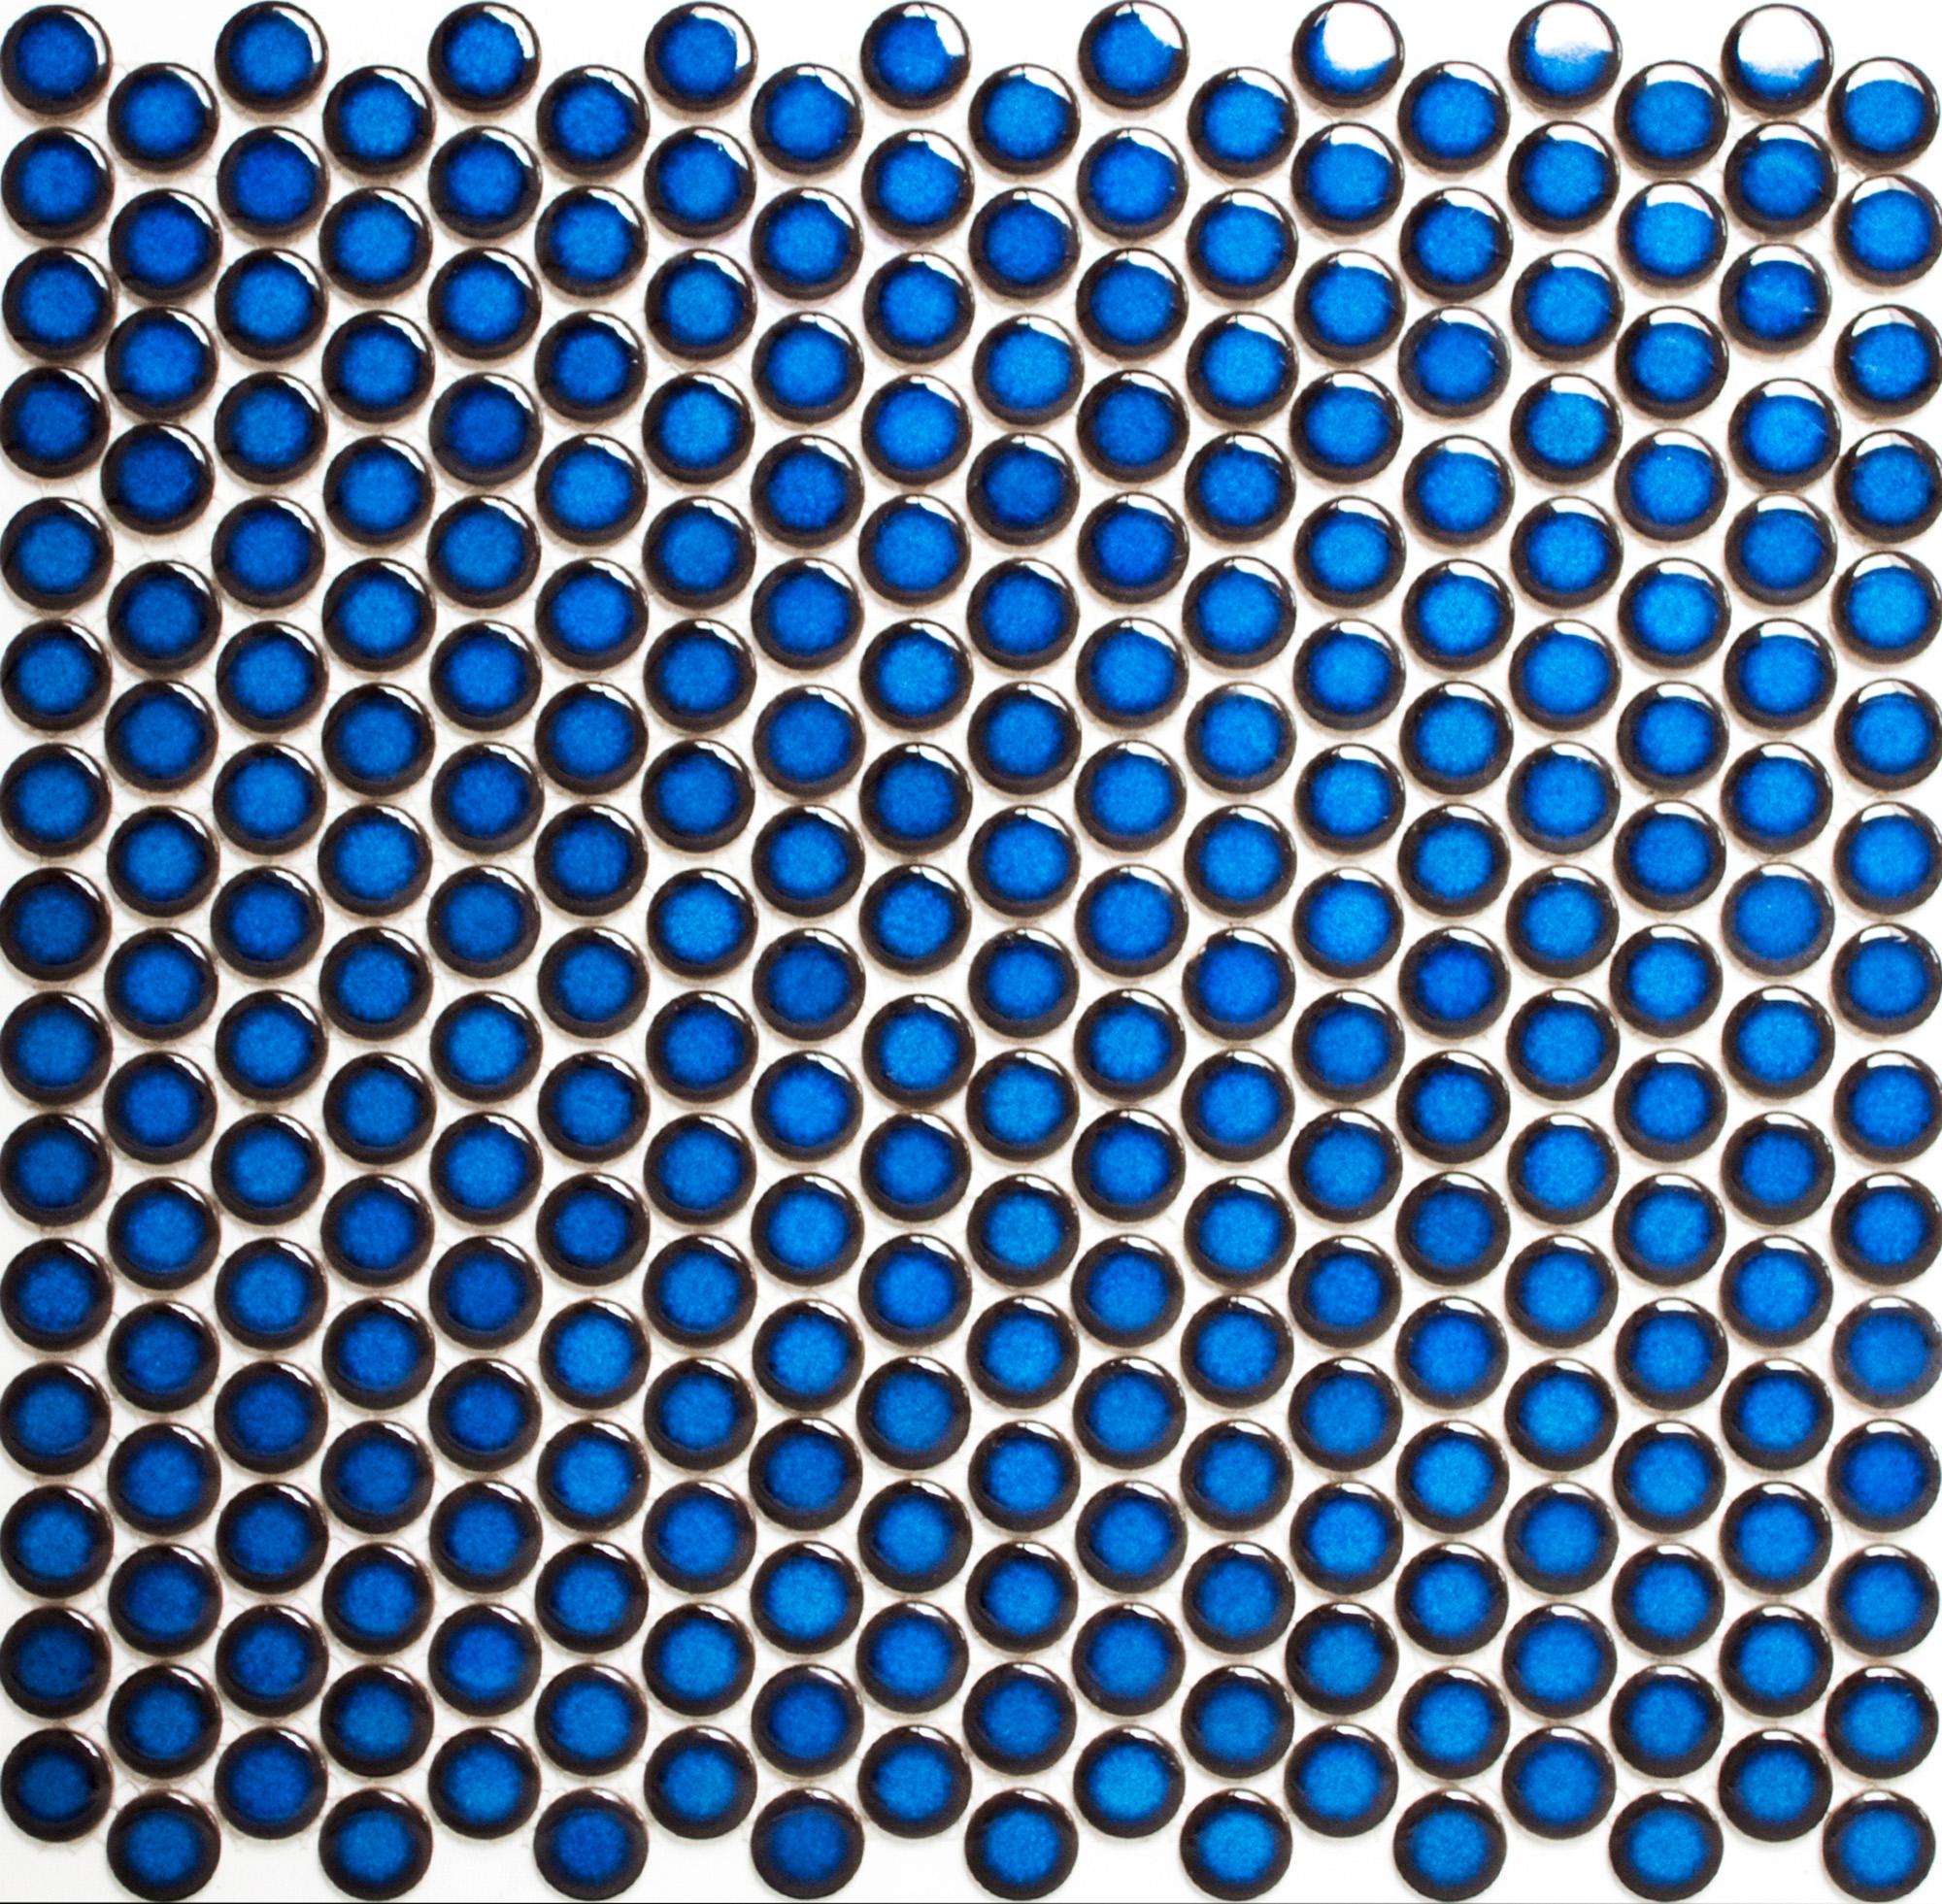 KNOPF451, Pennimosaiikki, Sininen, mosaiiikki,lattia,pakkasenkesto